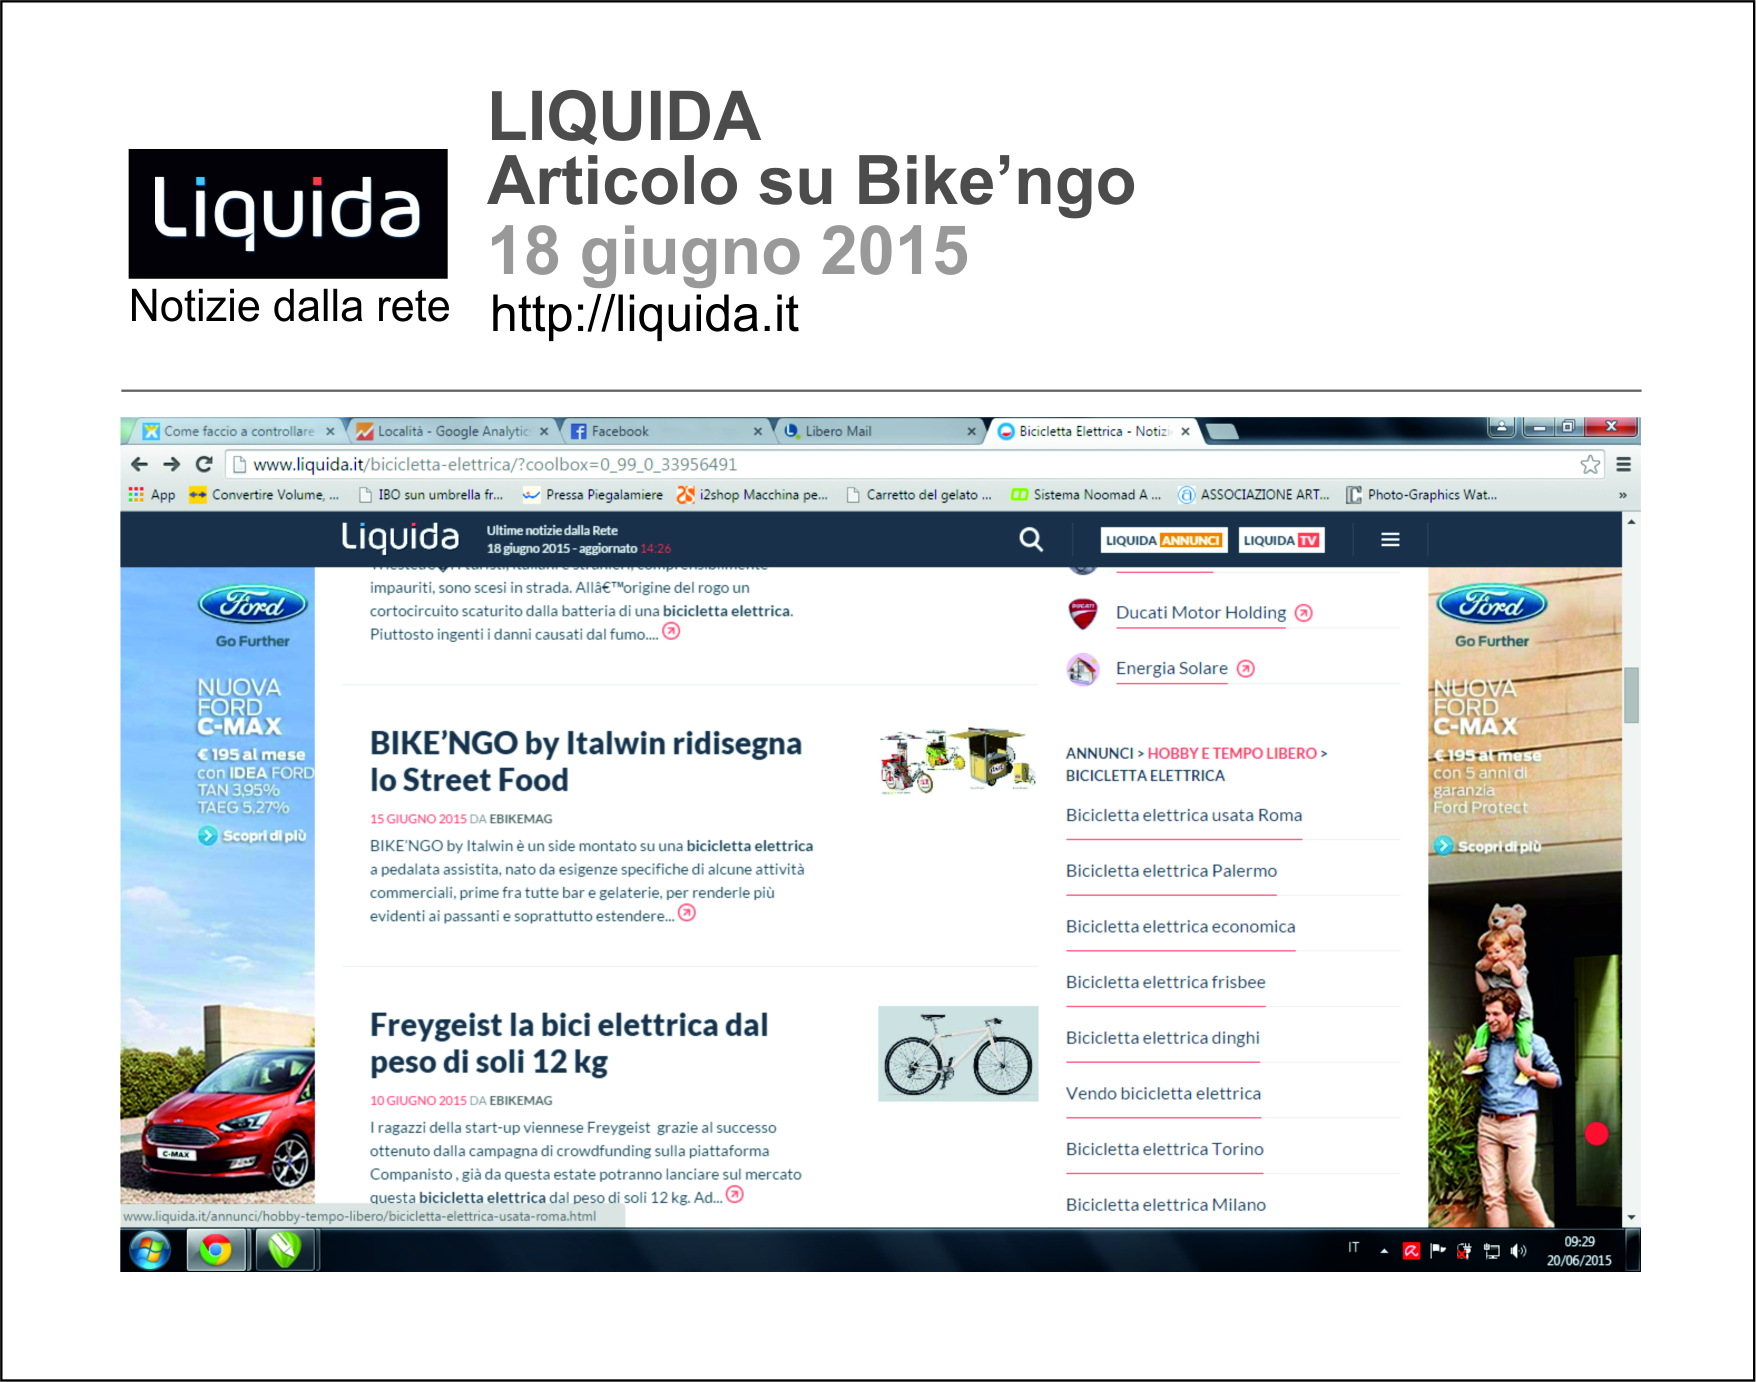 Liquida.it